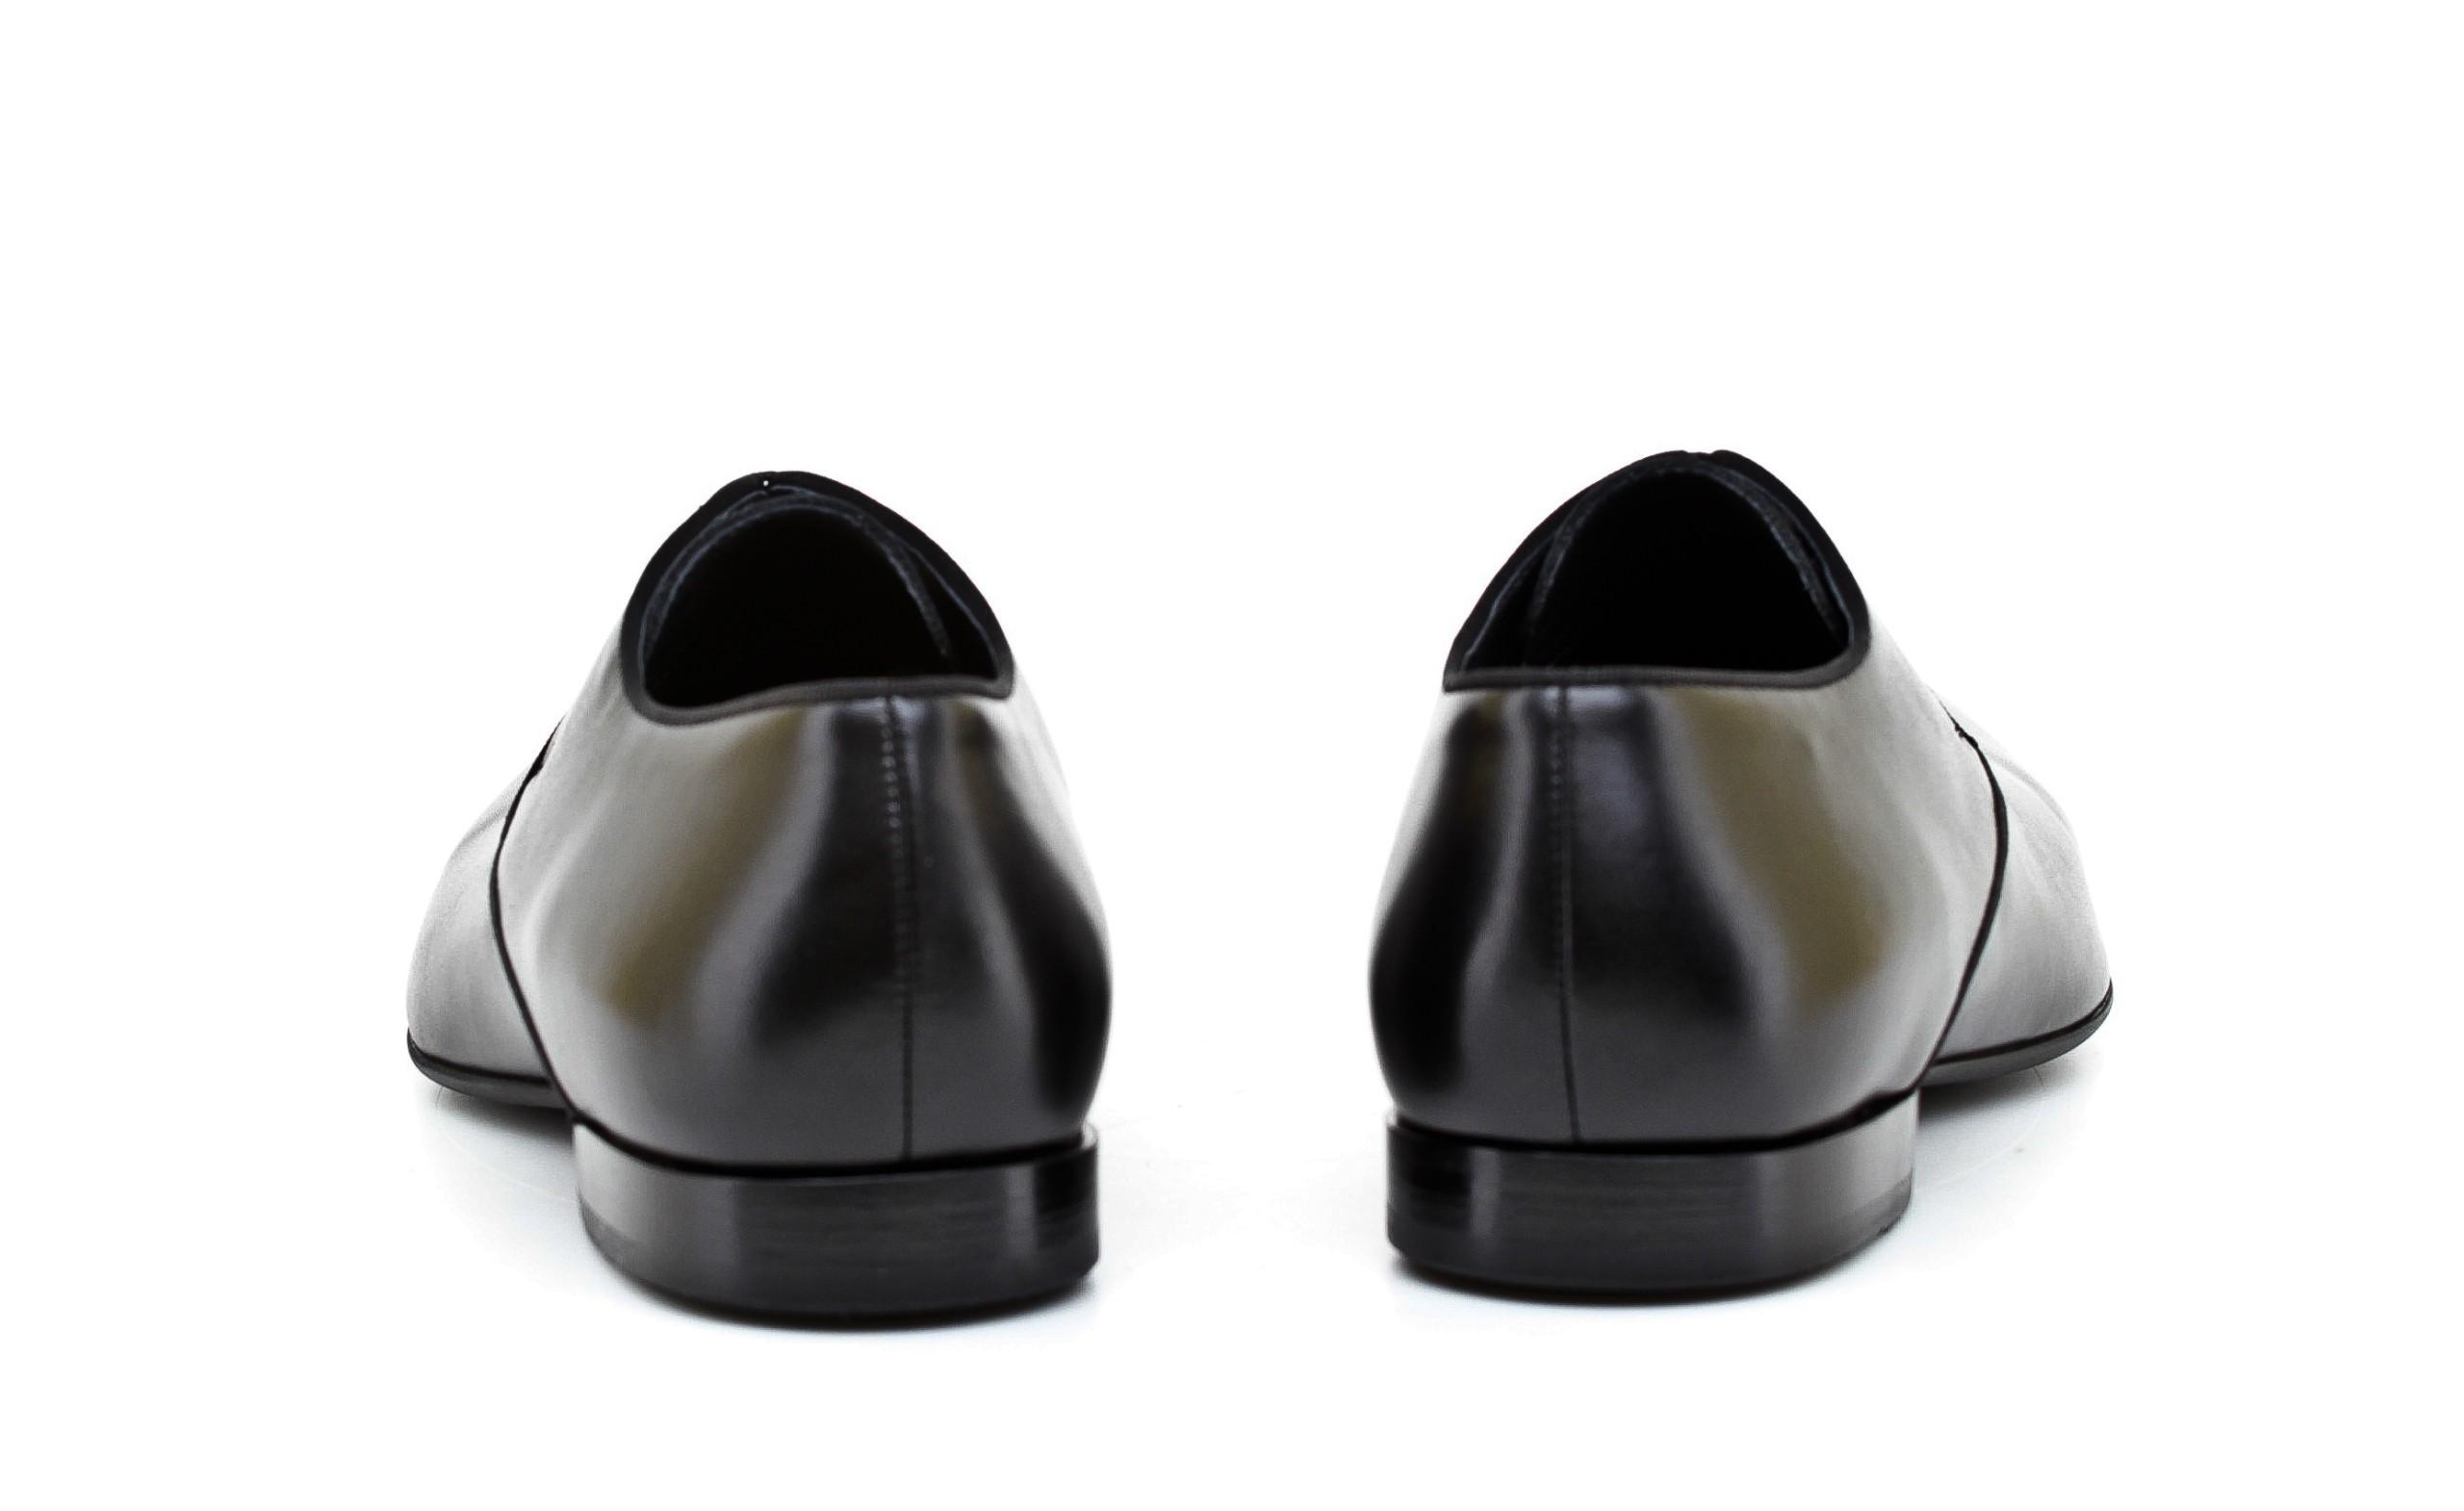 dae57af2790ff Półbuty Męskie Gino Rossi Czarne r.44 od Goodshoes - 7431226041 ...